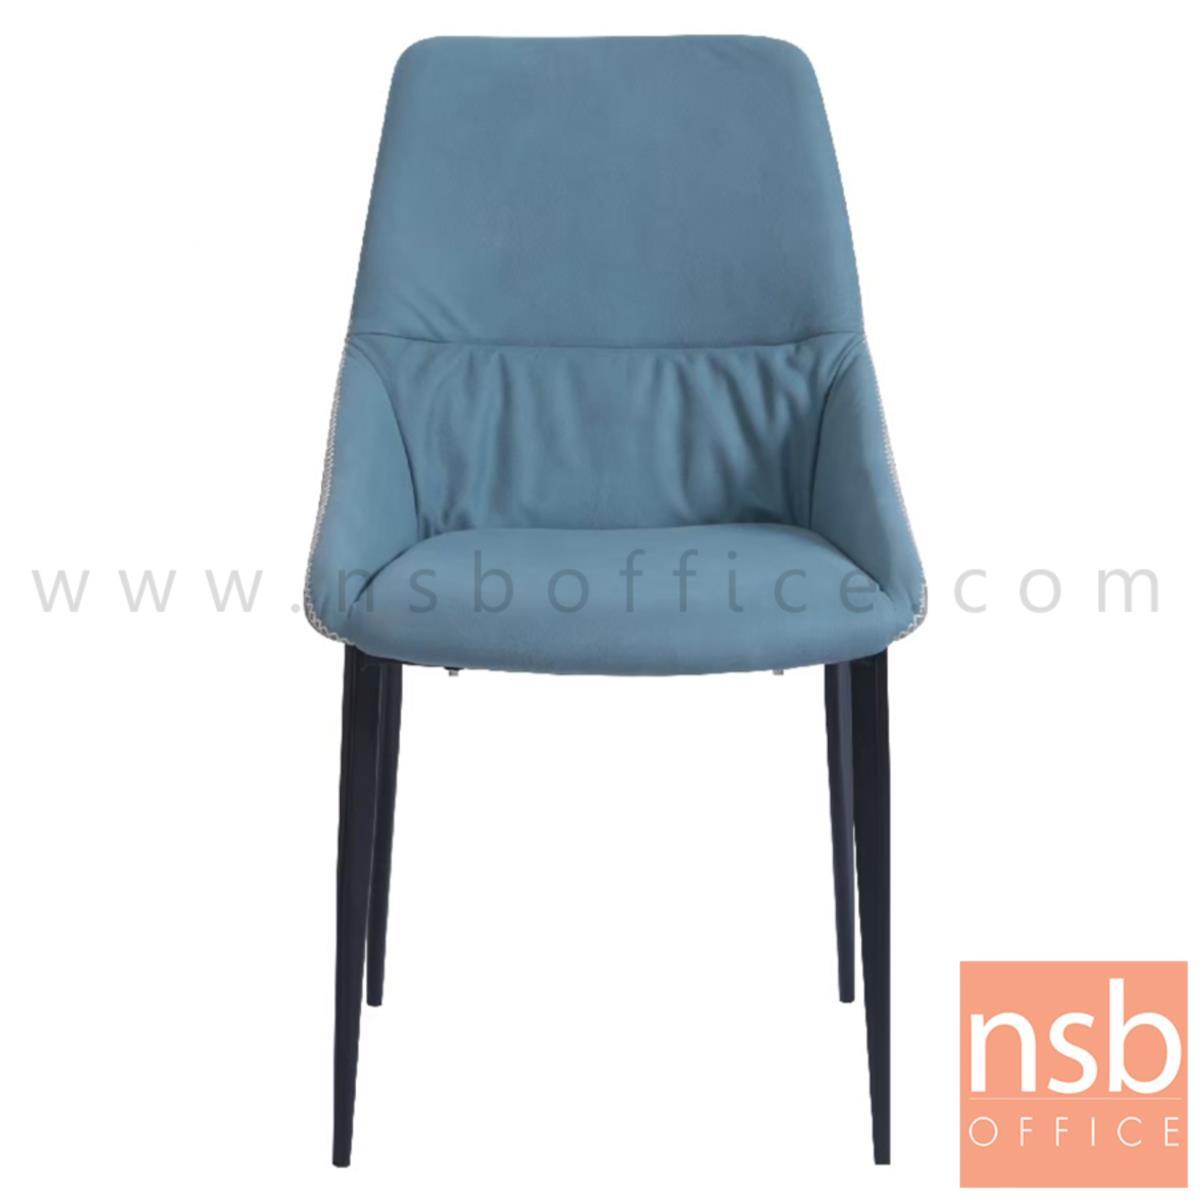 เก้าอี้โมเดิร์นหุ้มผ้ากำมะหยี่ รุ่น Keanu (คีอานู)  ขาเหล็ก